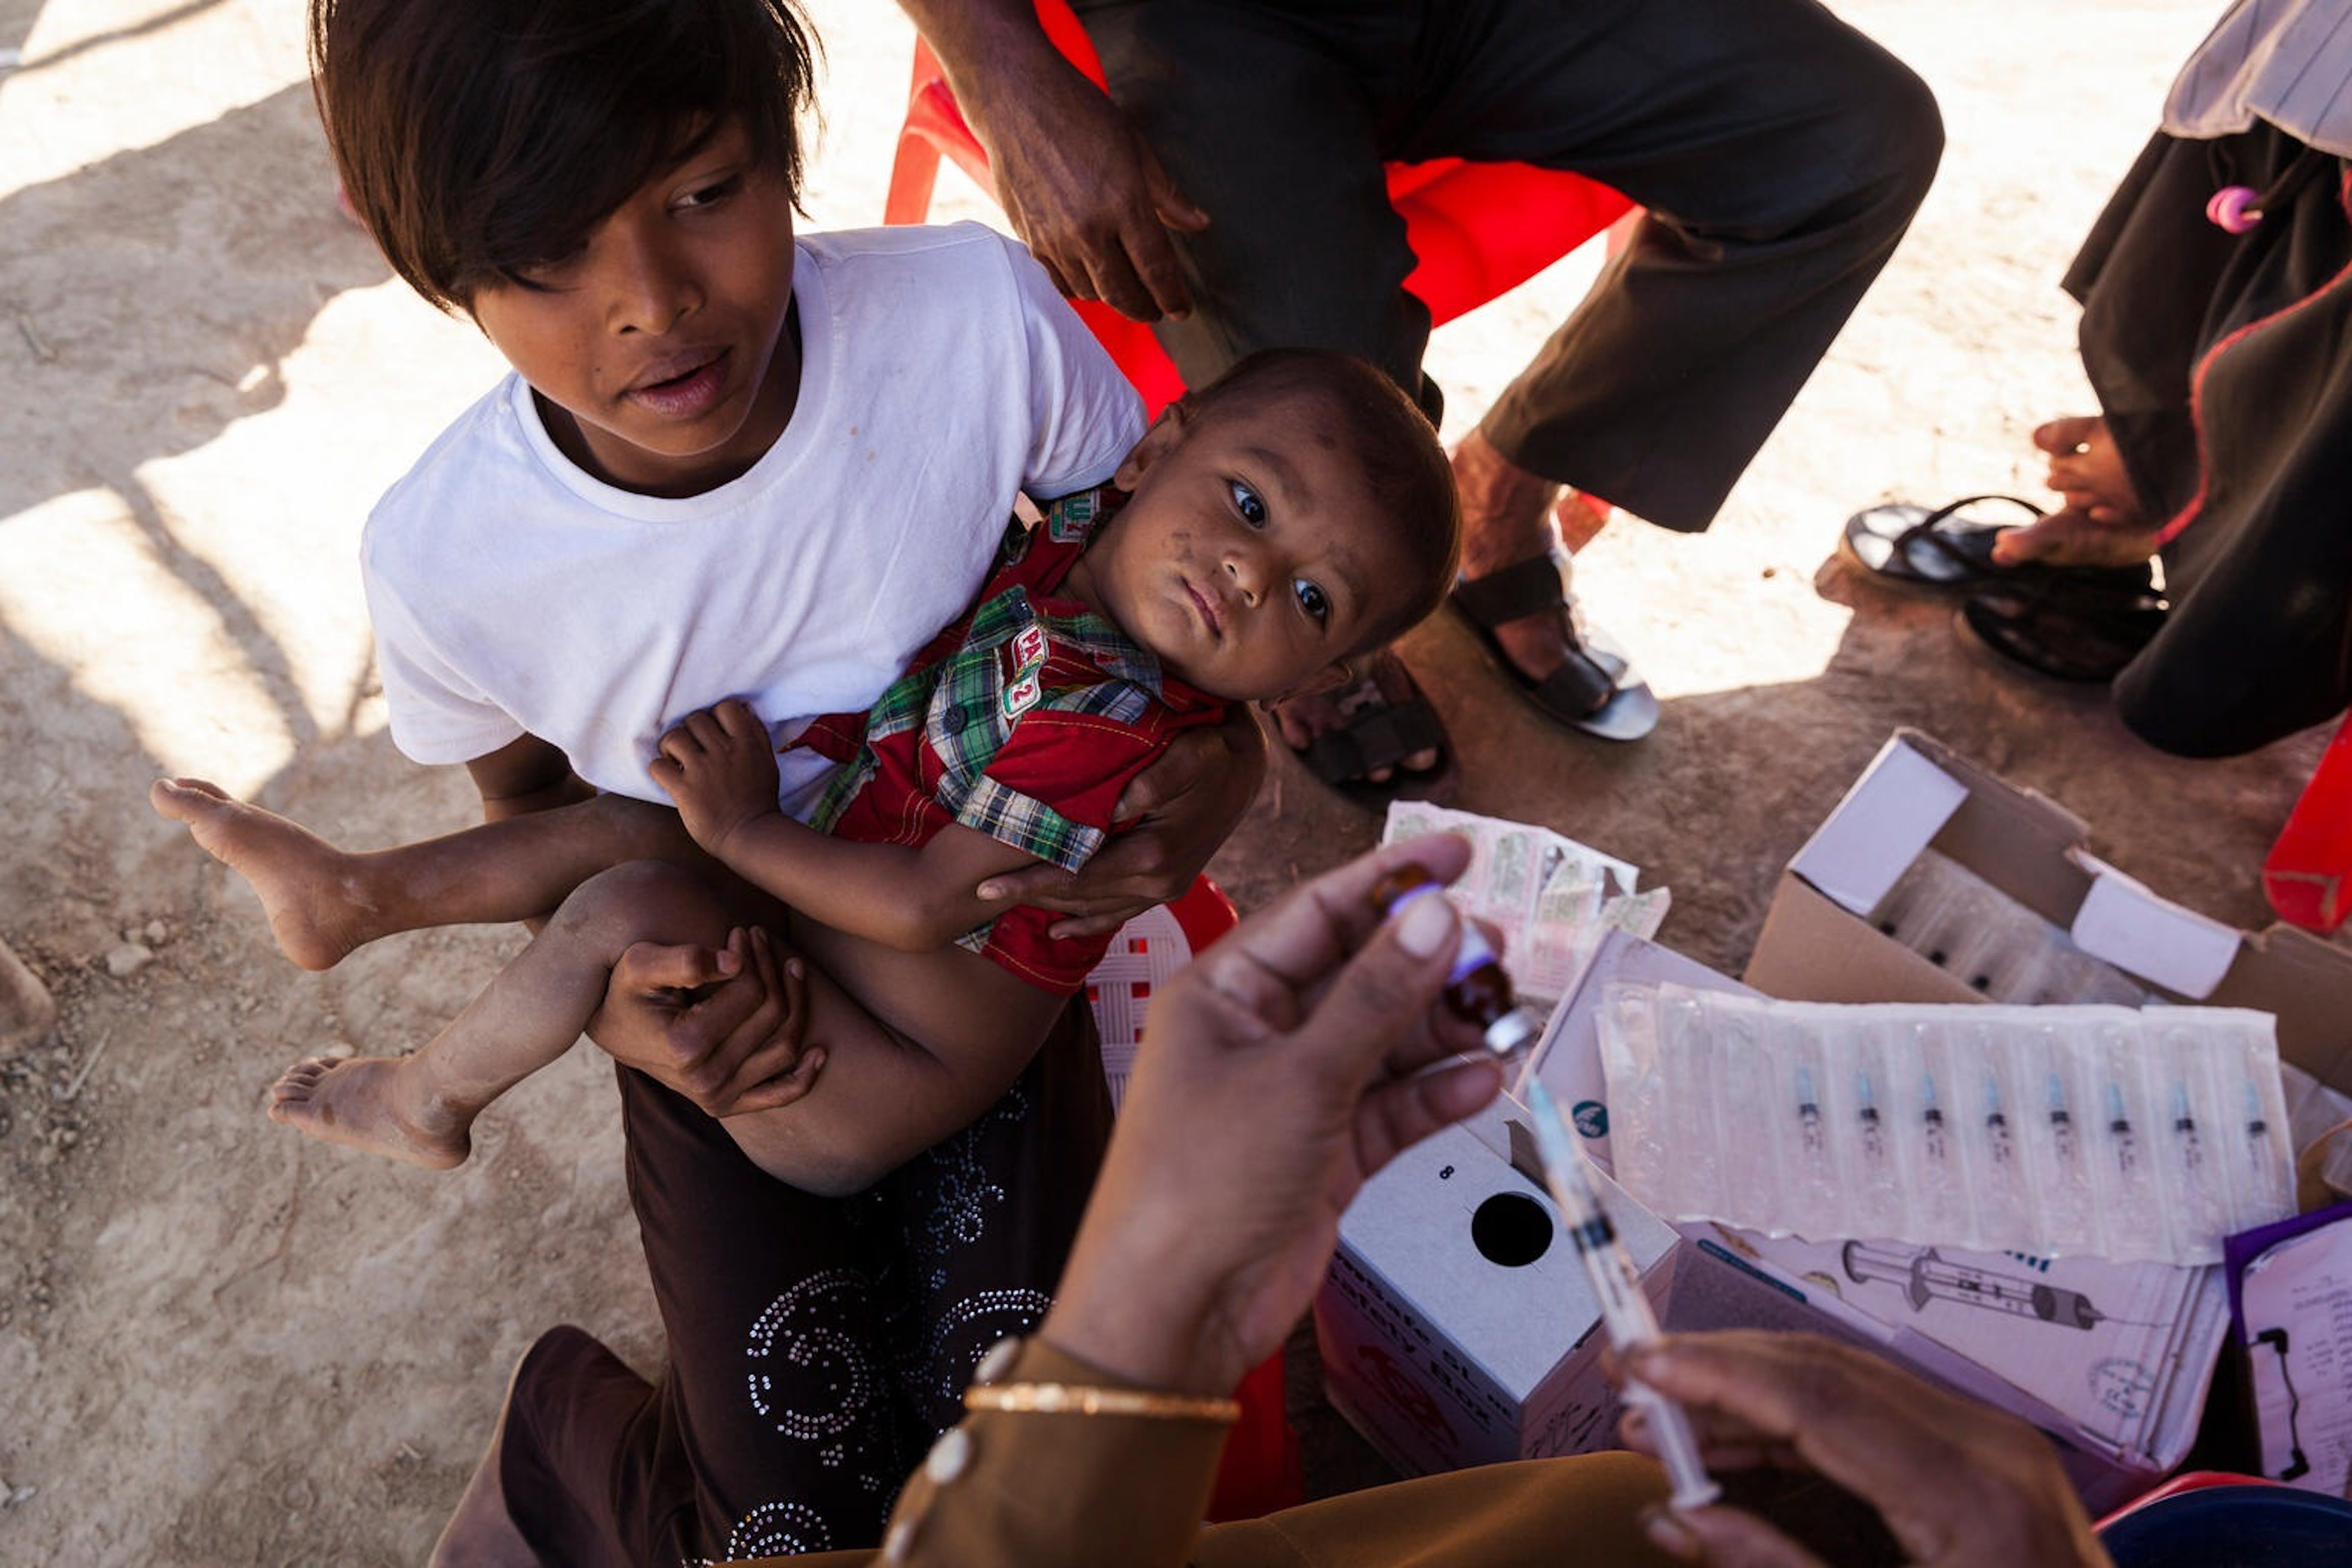 Una giovane mamma porta il suo bambino alla vaccinazione contro il morbillo, in un campo profughi a Cox's Bazar (Bangladesh) -  ©UNICEF/UN0149110/Brown